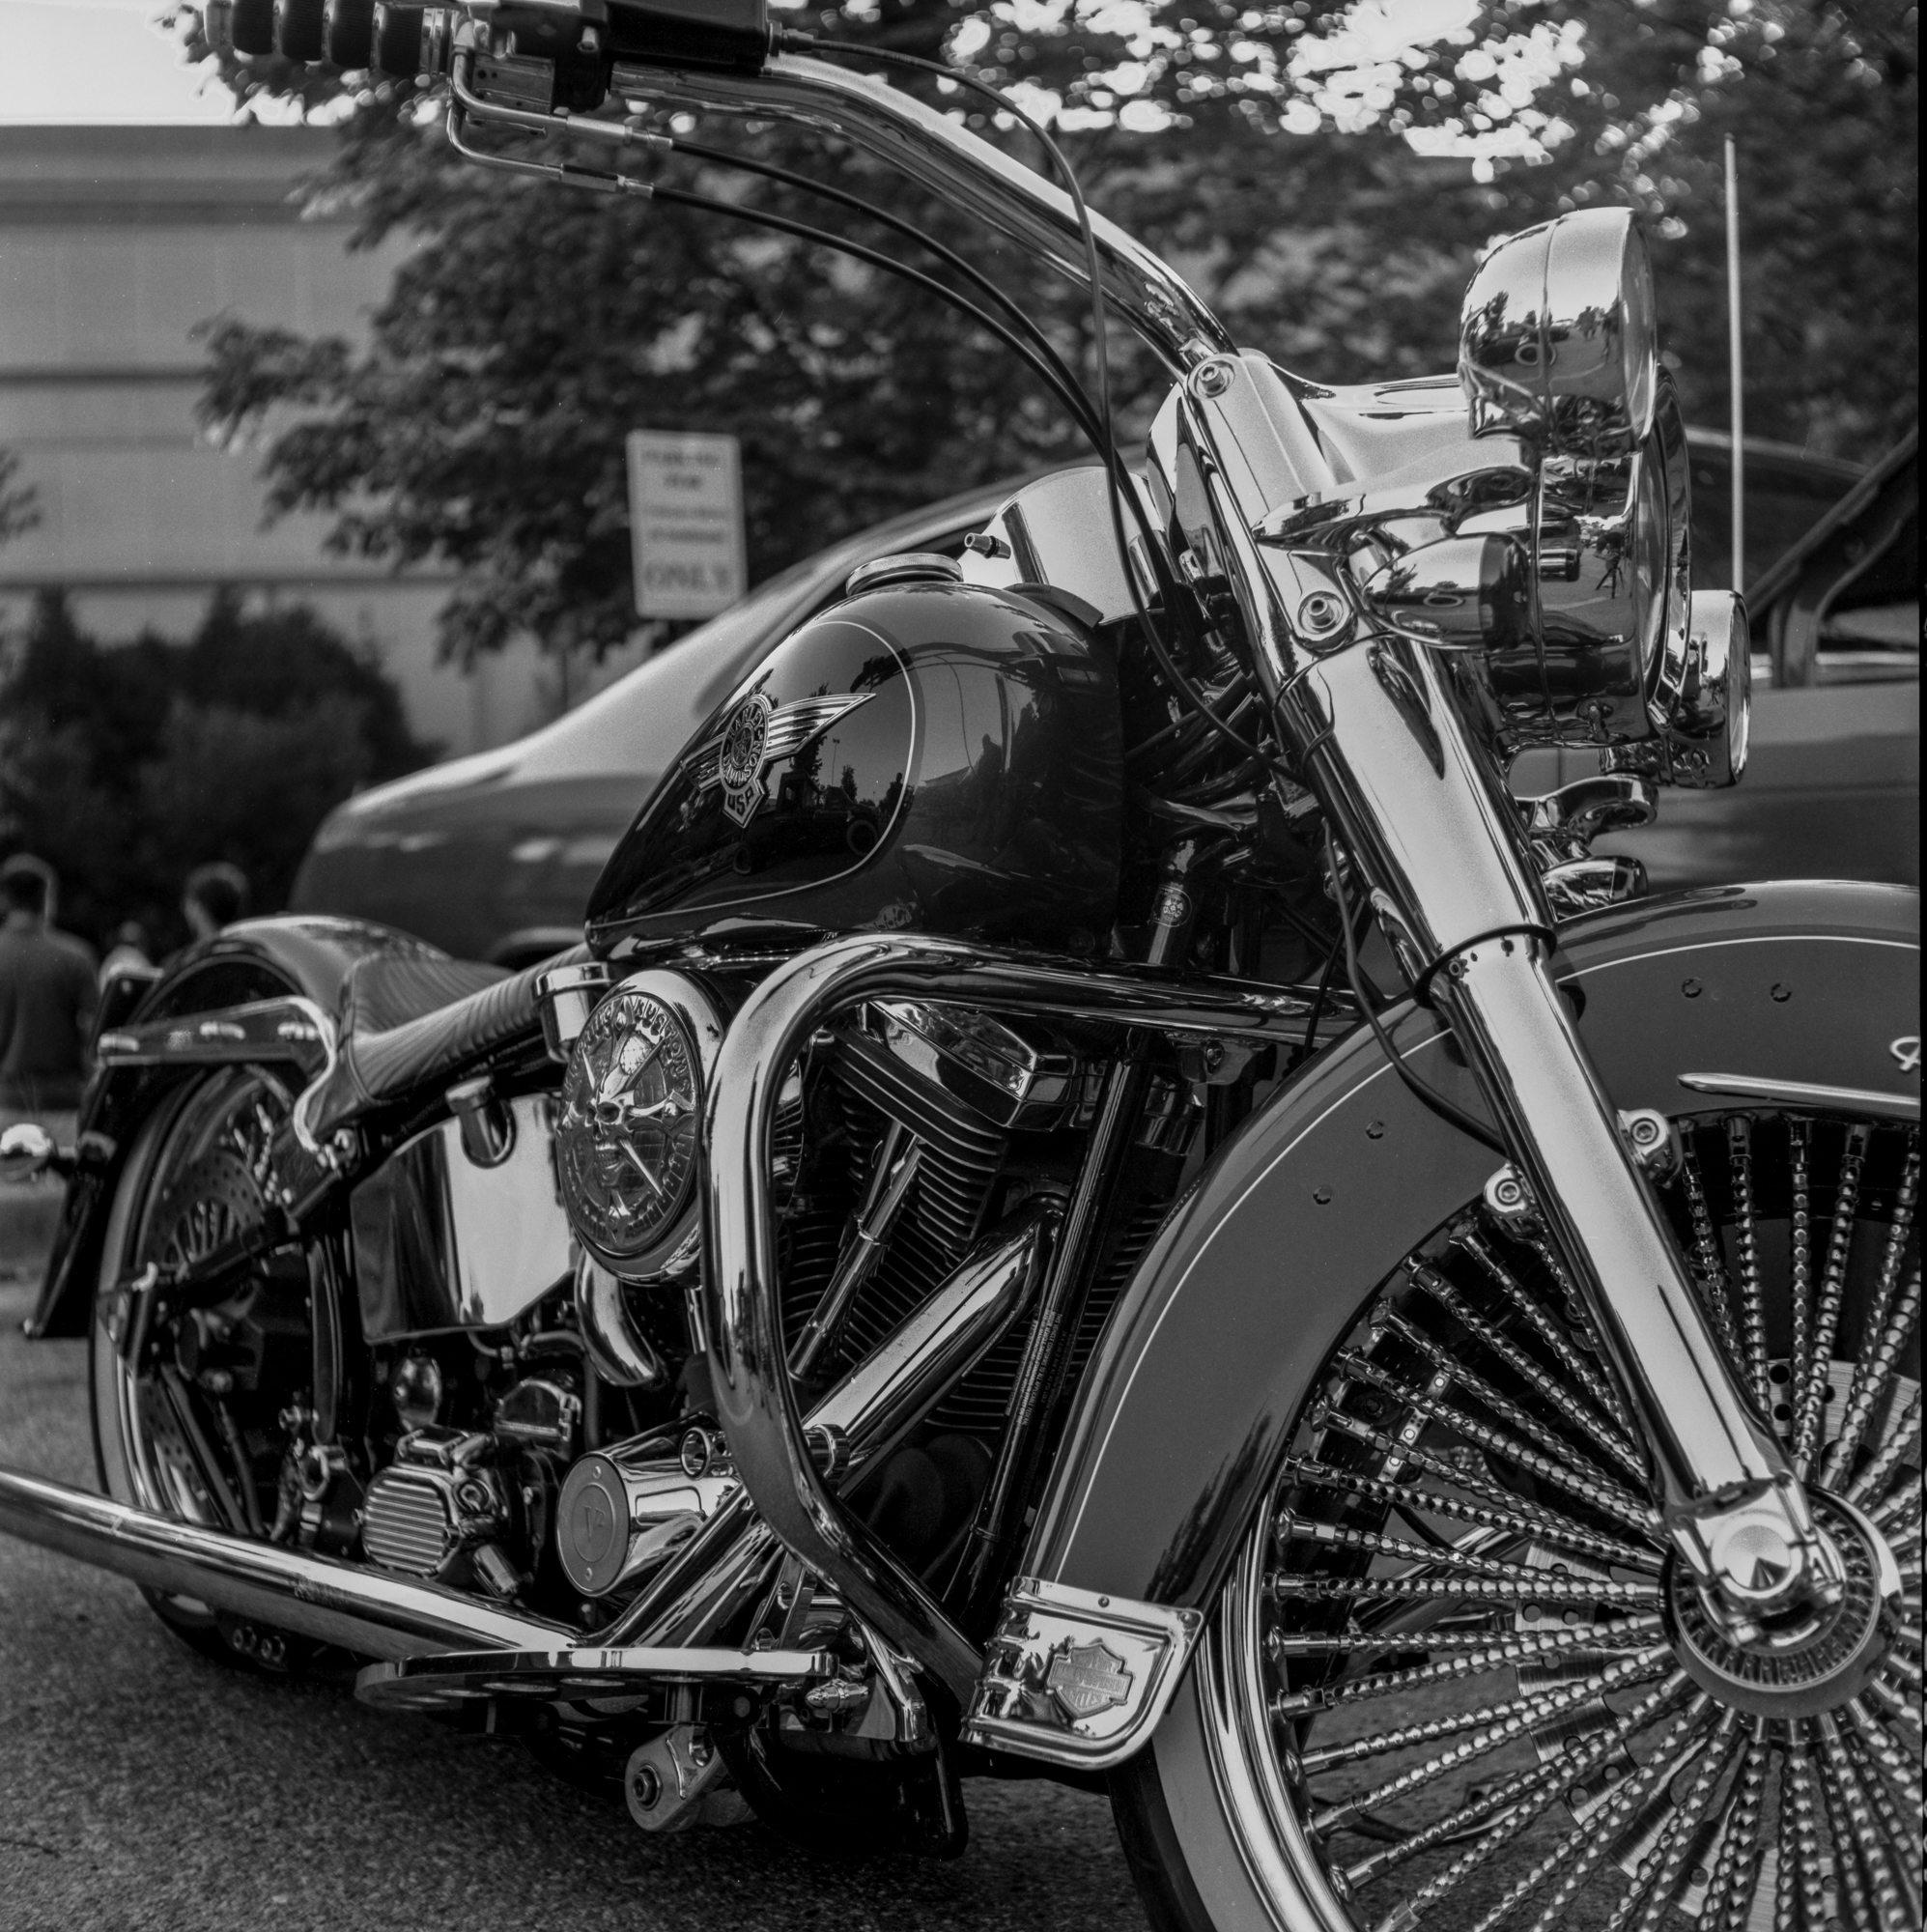 A Nice Chrome Laden Custom Motorcycle